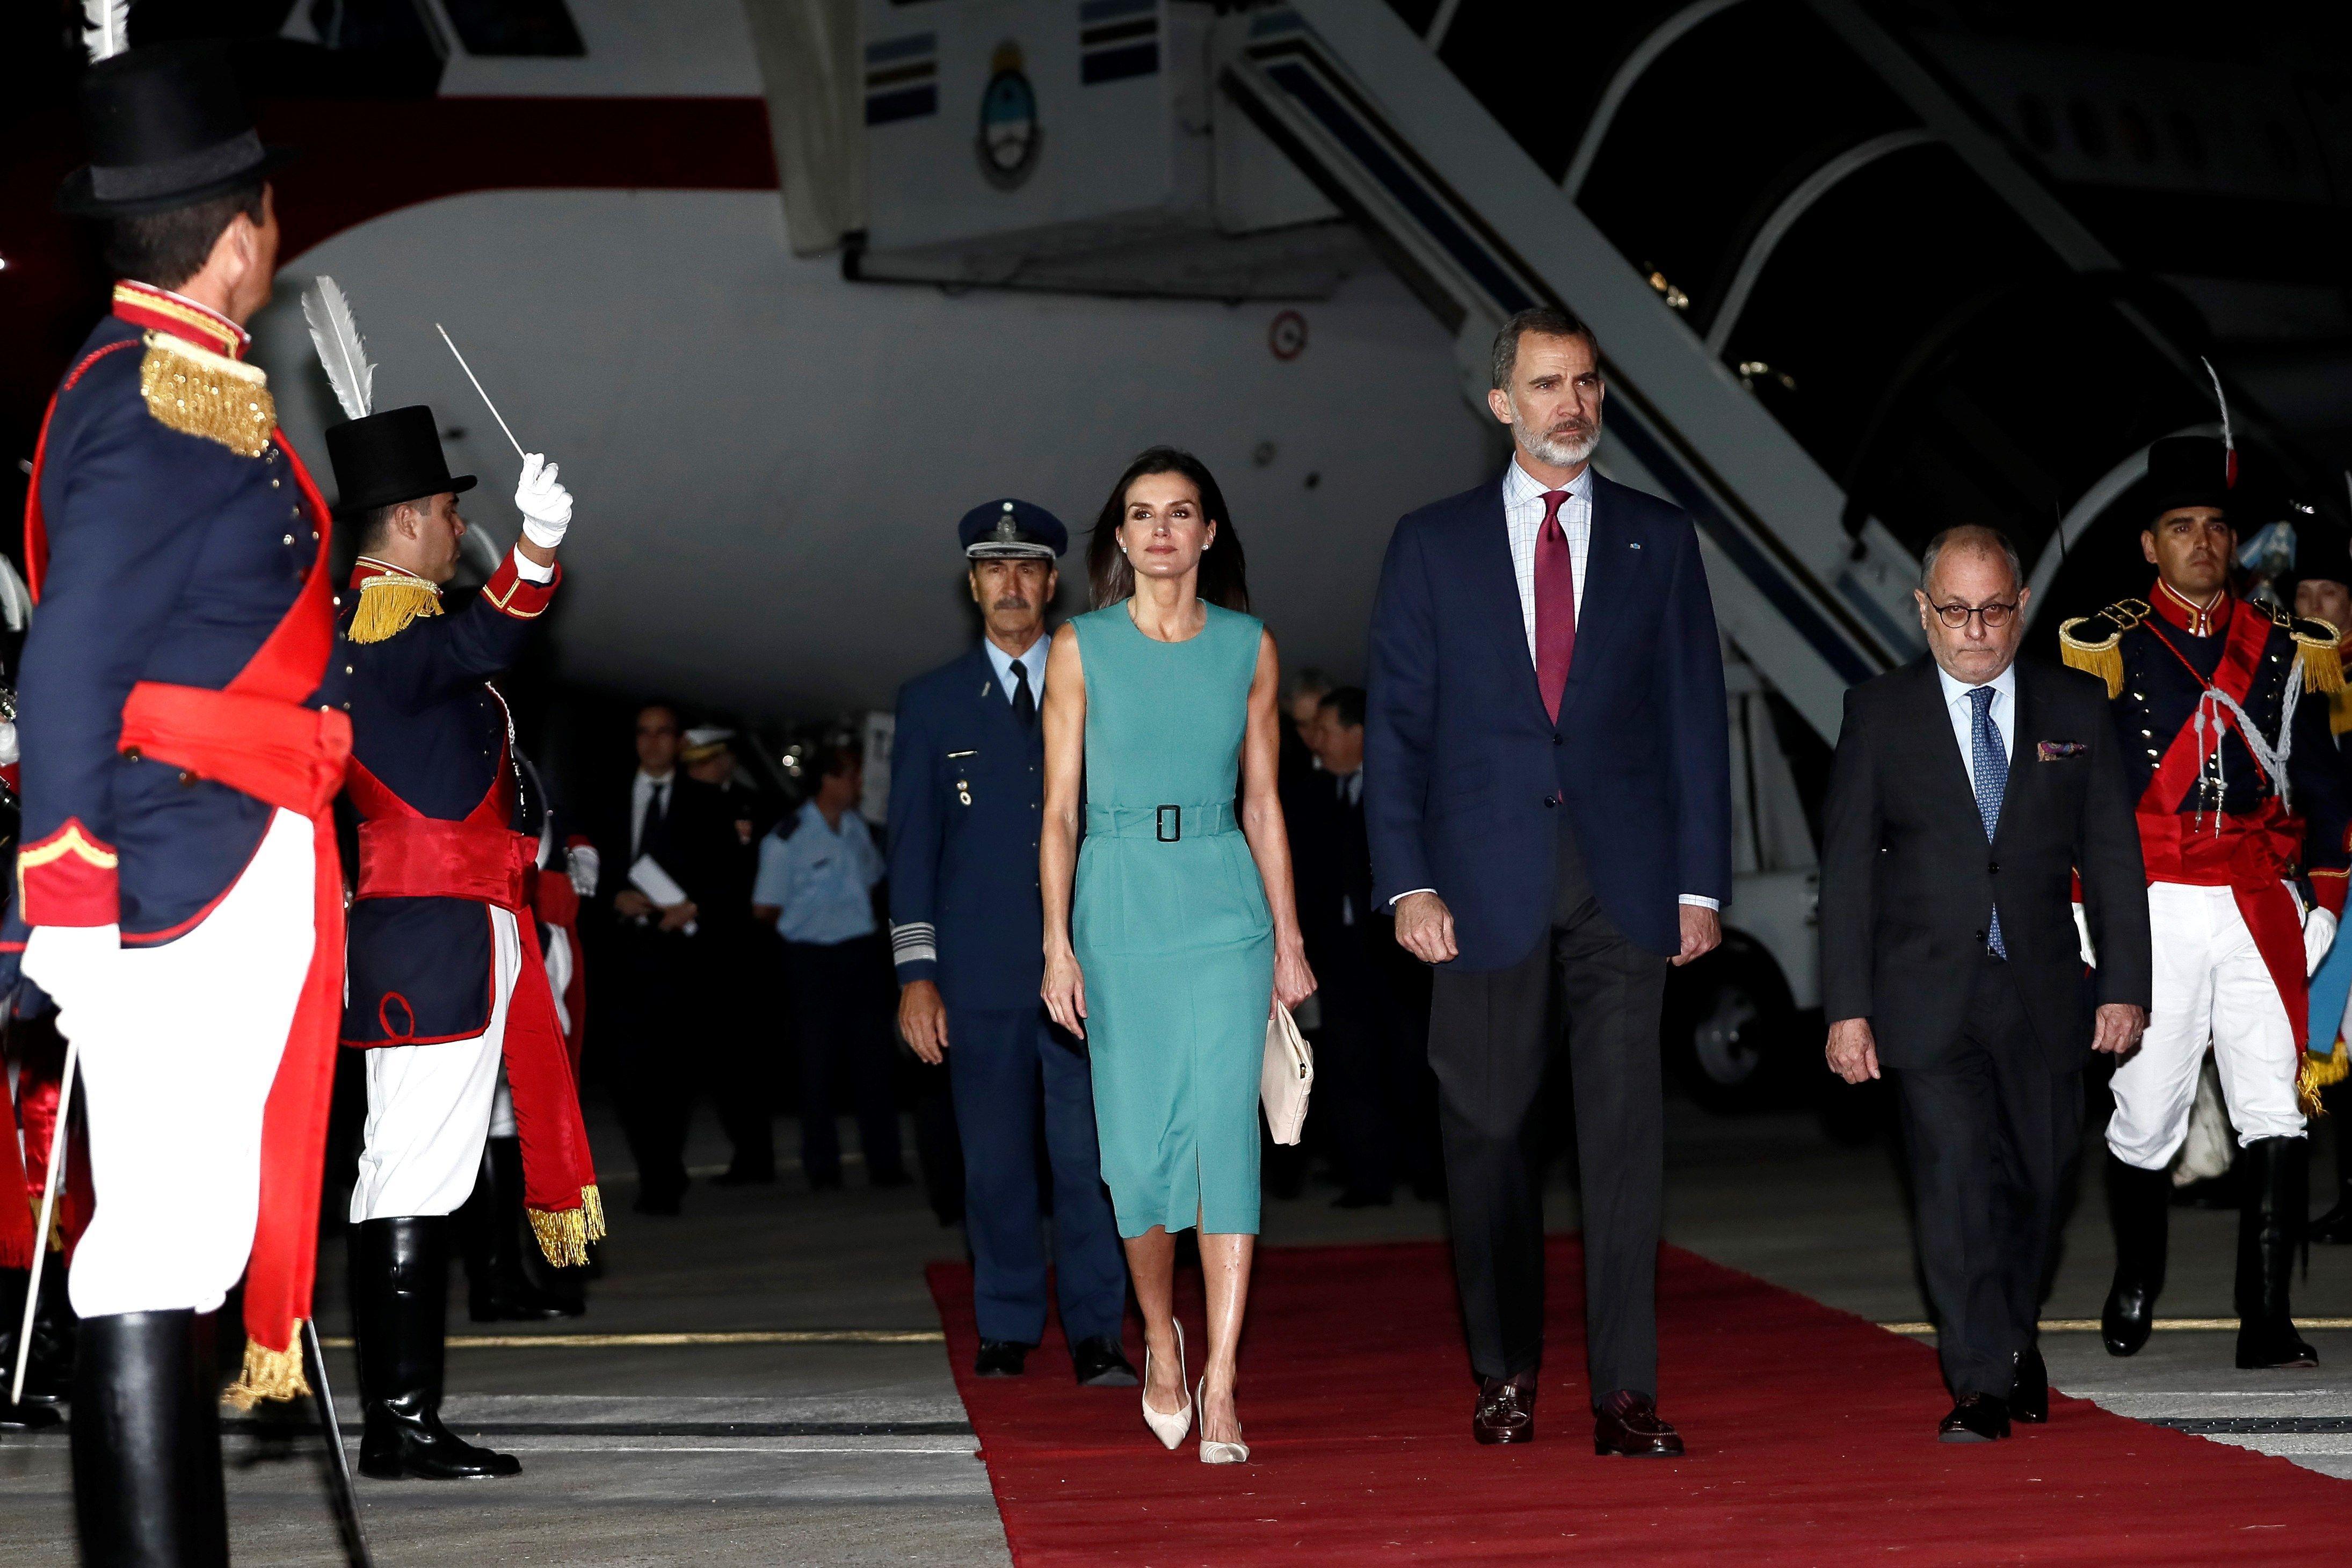 Por Una Escalera Los Reyes De España Tardaron Una Hora En Bajar De Avión Queen Letizia Princess Charlene Princess Victoria